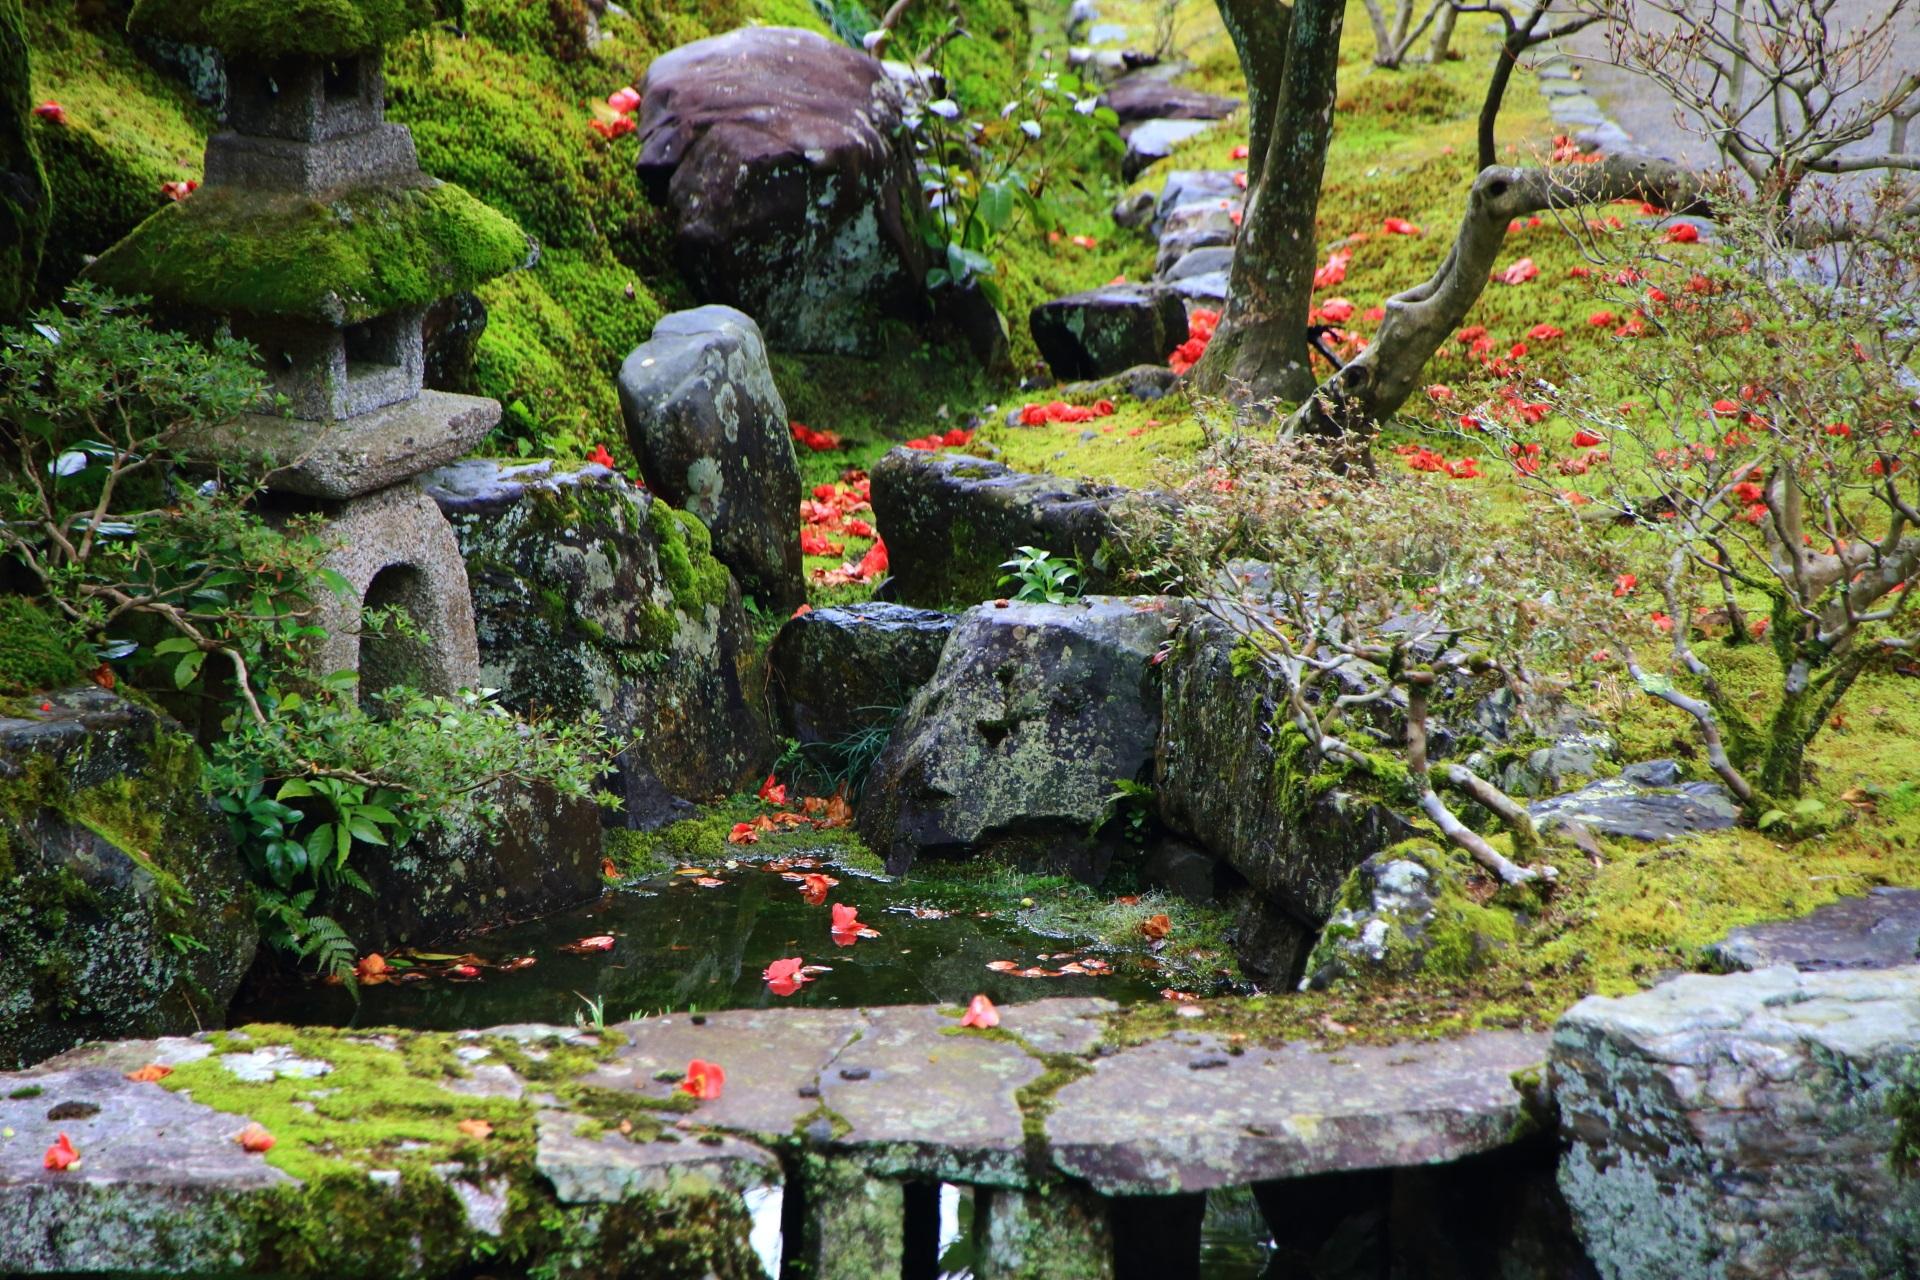 落ち着いた庭園に彩りをそえる鮮やかな散り椿